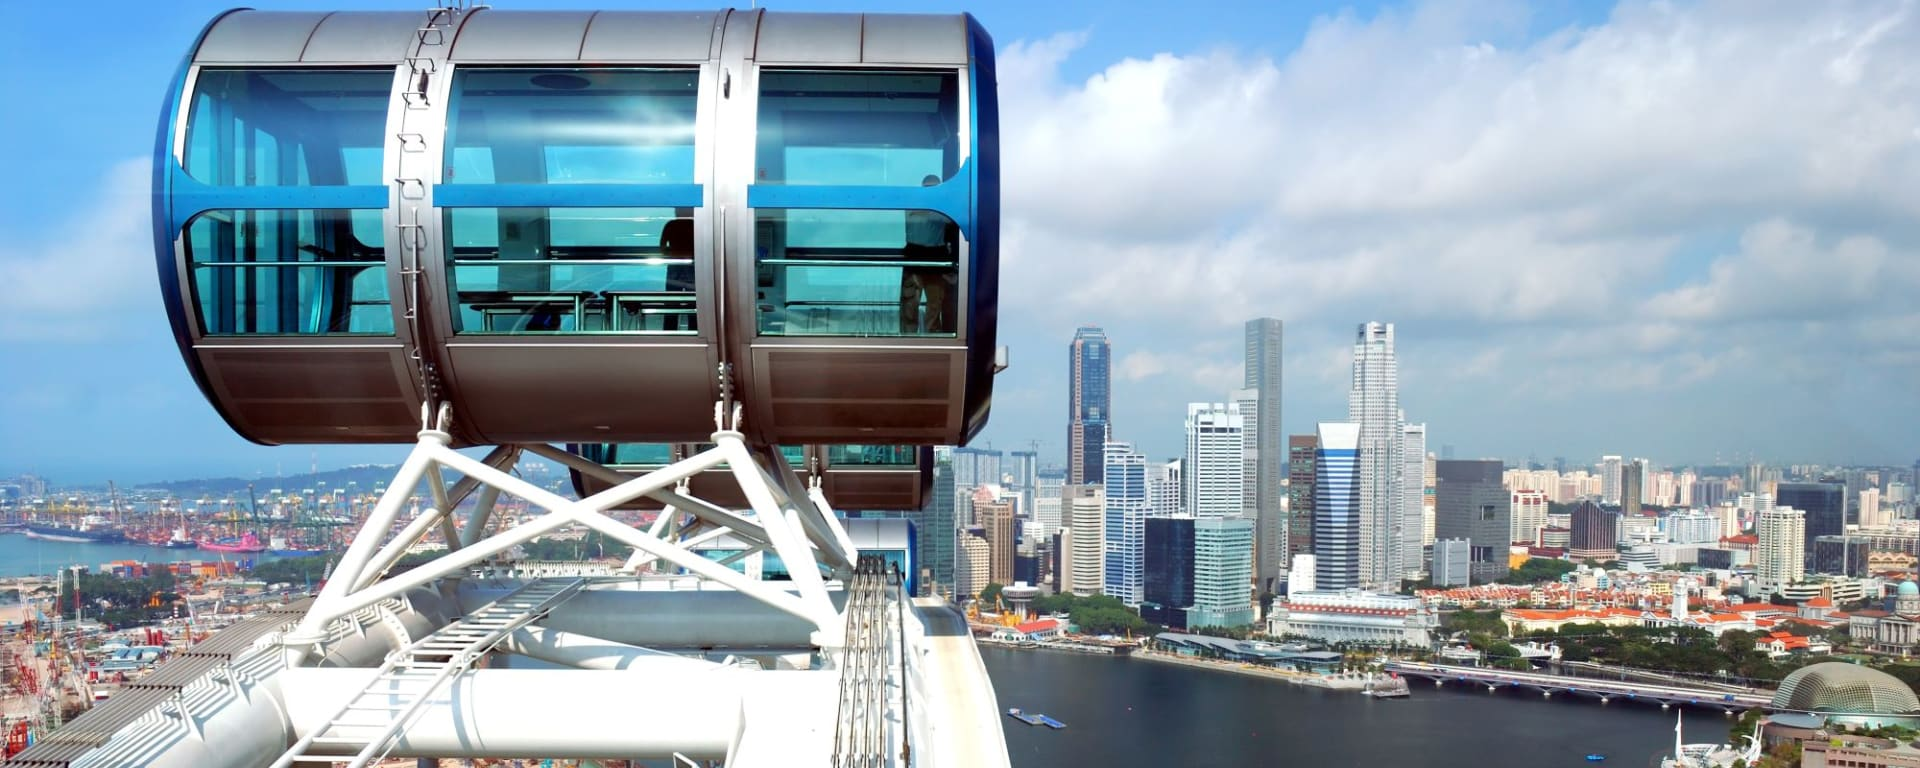 Wissenswertes zu Singapur Reisen und Ferien: Singapore Flyer